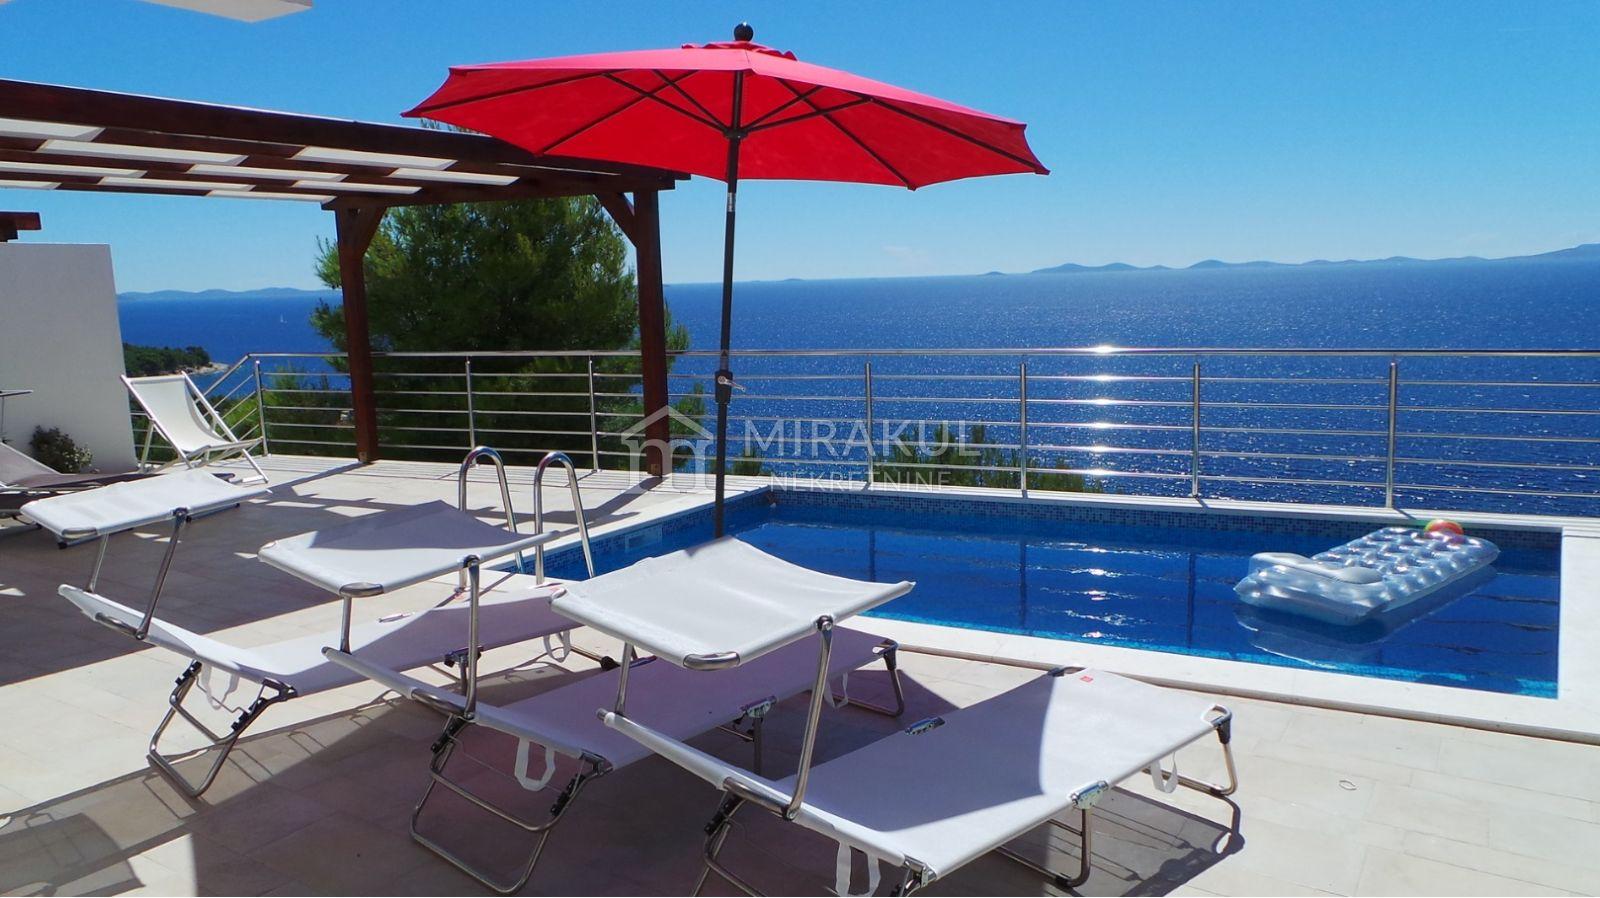 Nekretnine otok Murter, stan, Mirakul nekretnine, ID - AM-655, Luksuzni stan sa pogledom na Kornate 7